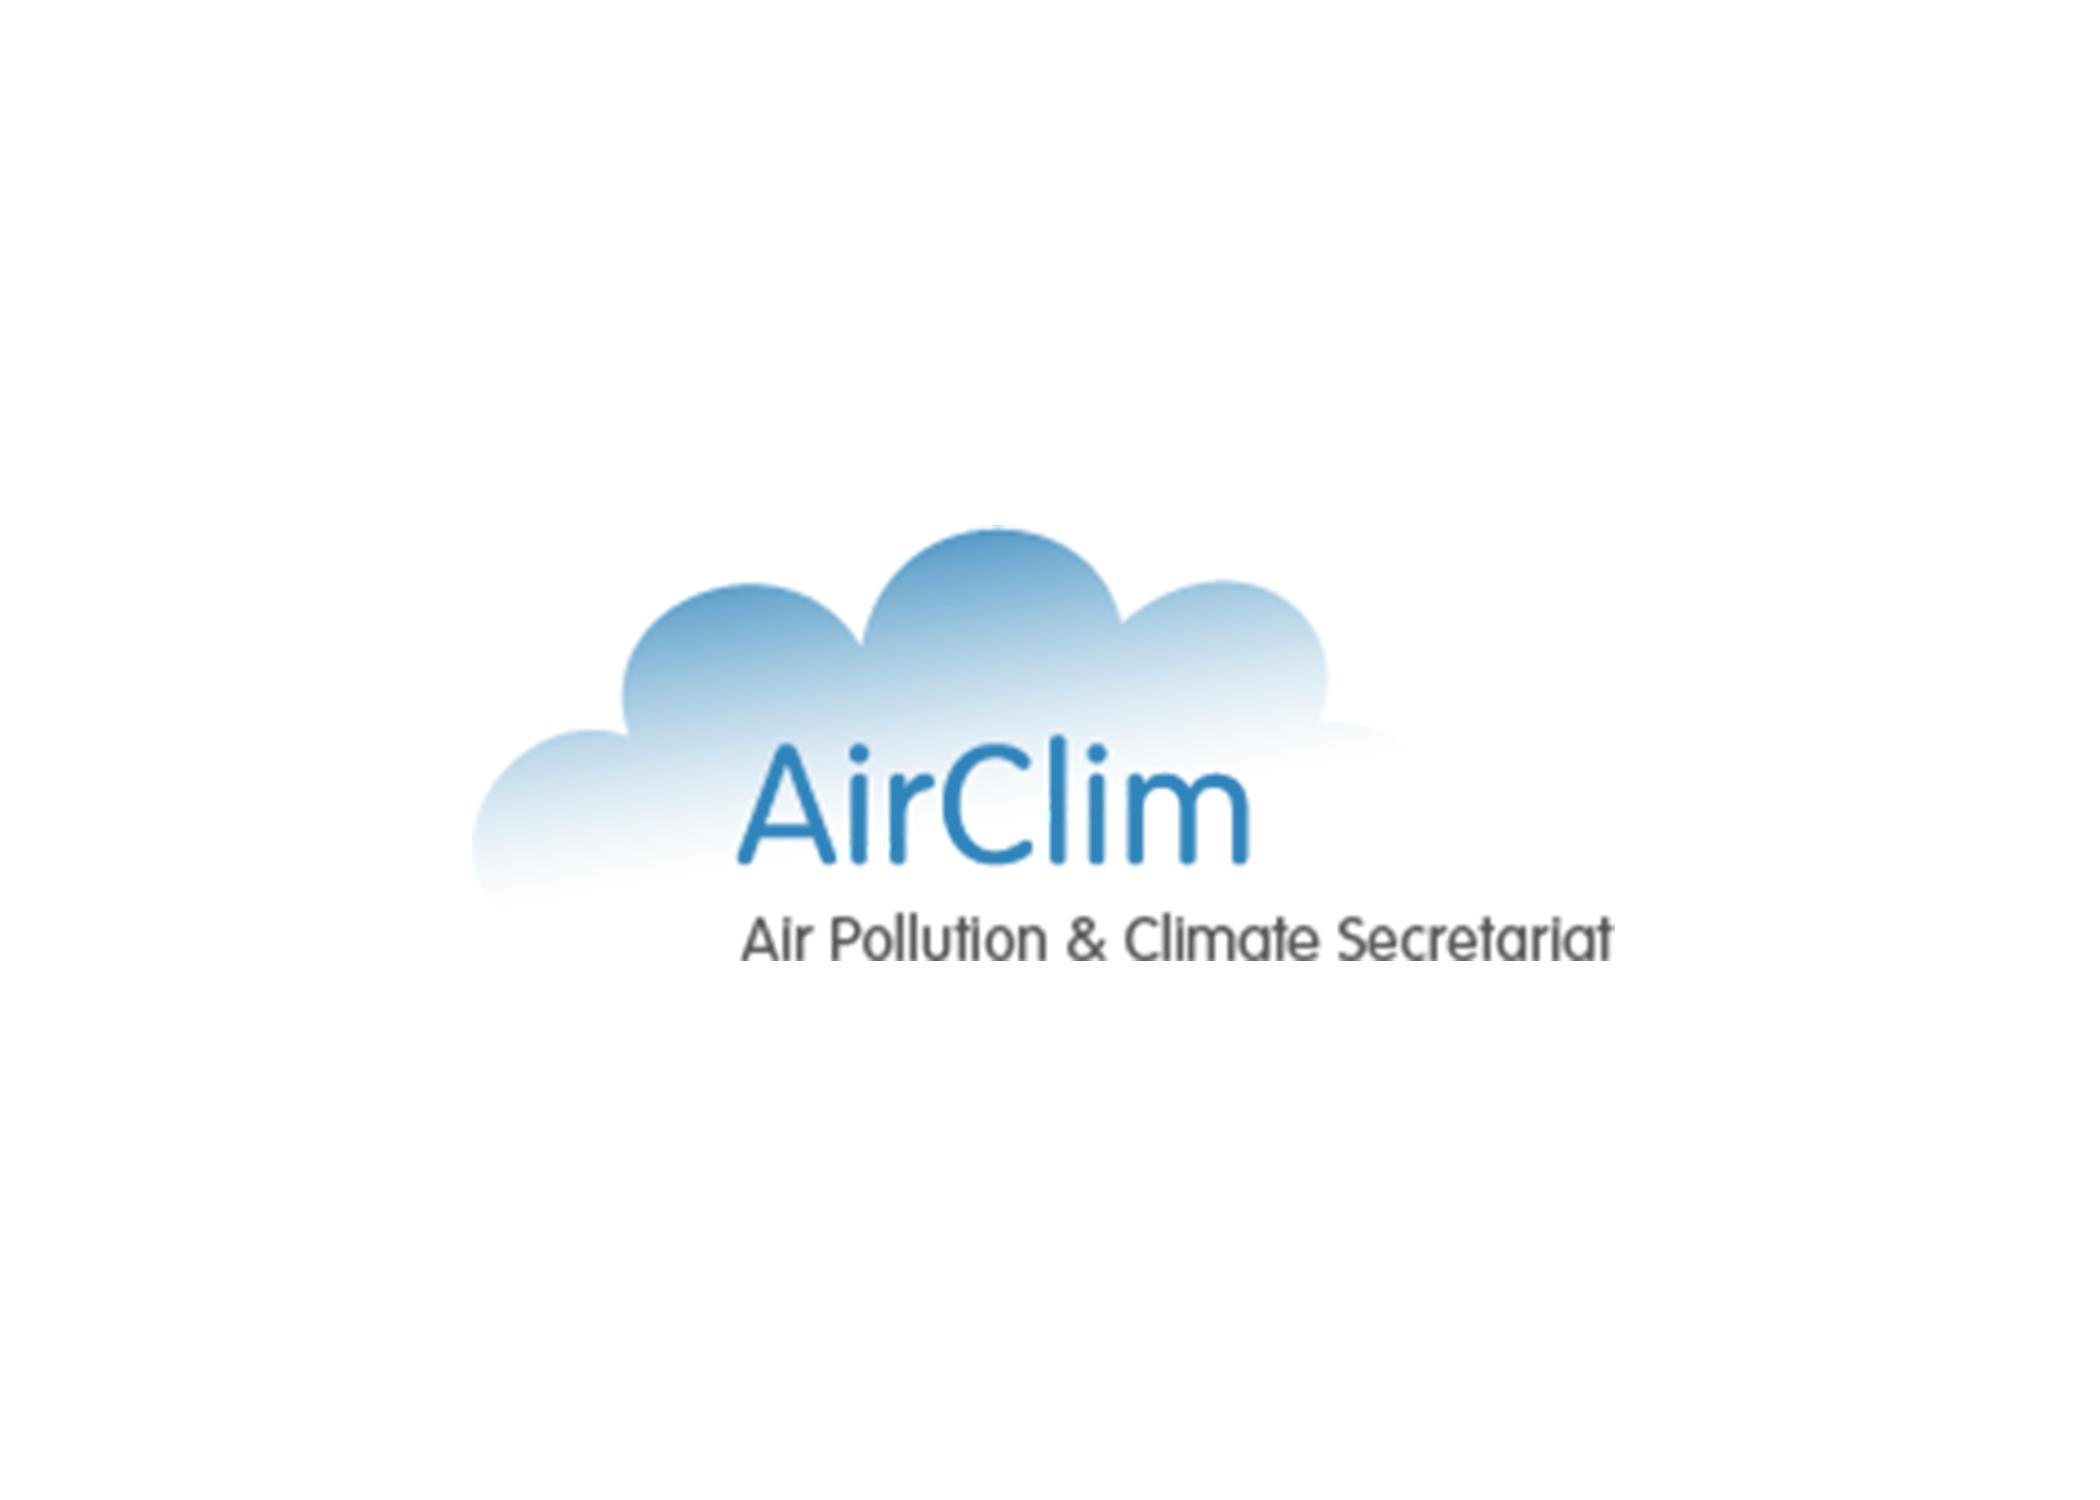 airclim